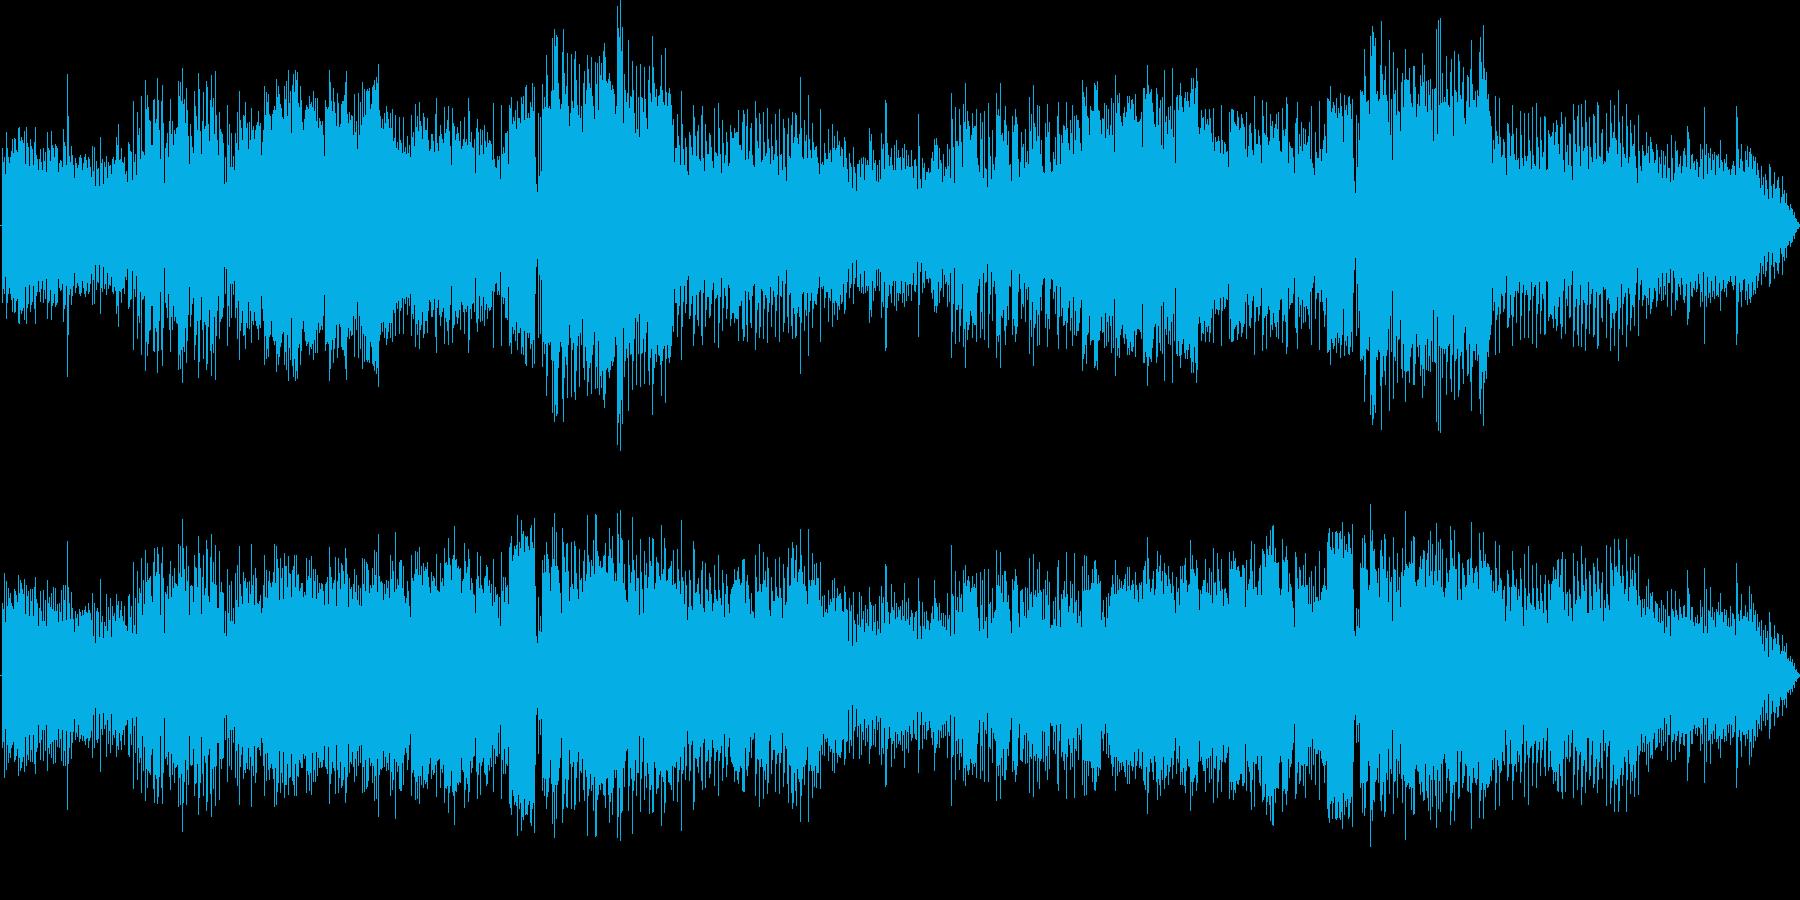 真夏の田舎町をイメージしたBGMの再生済みの波形